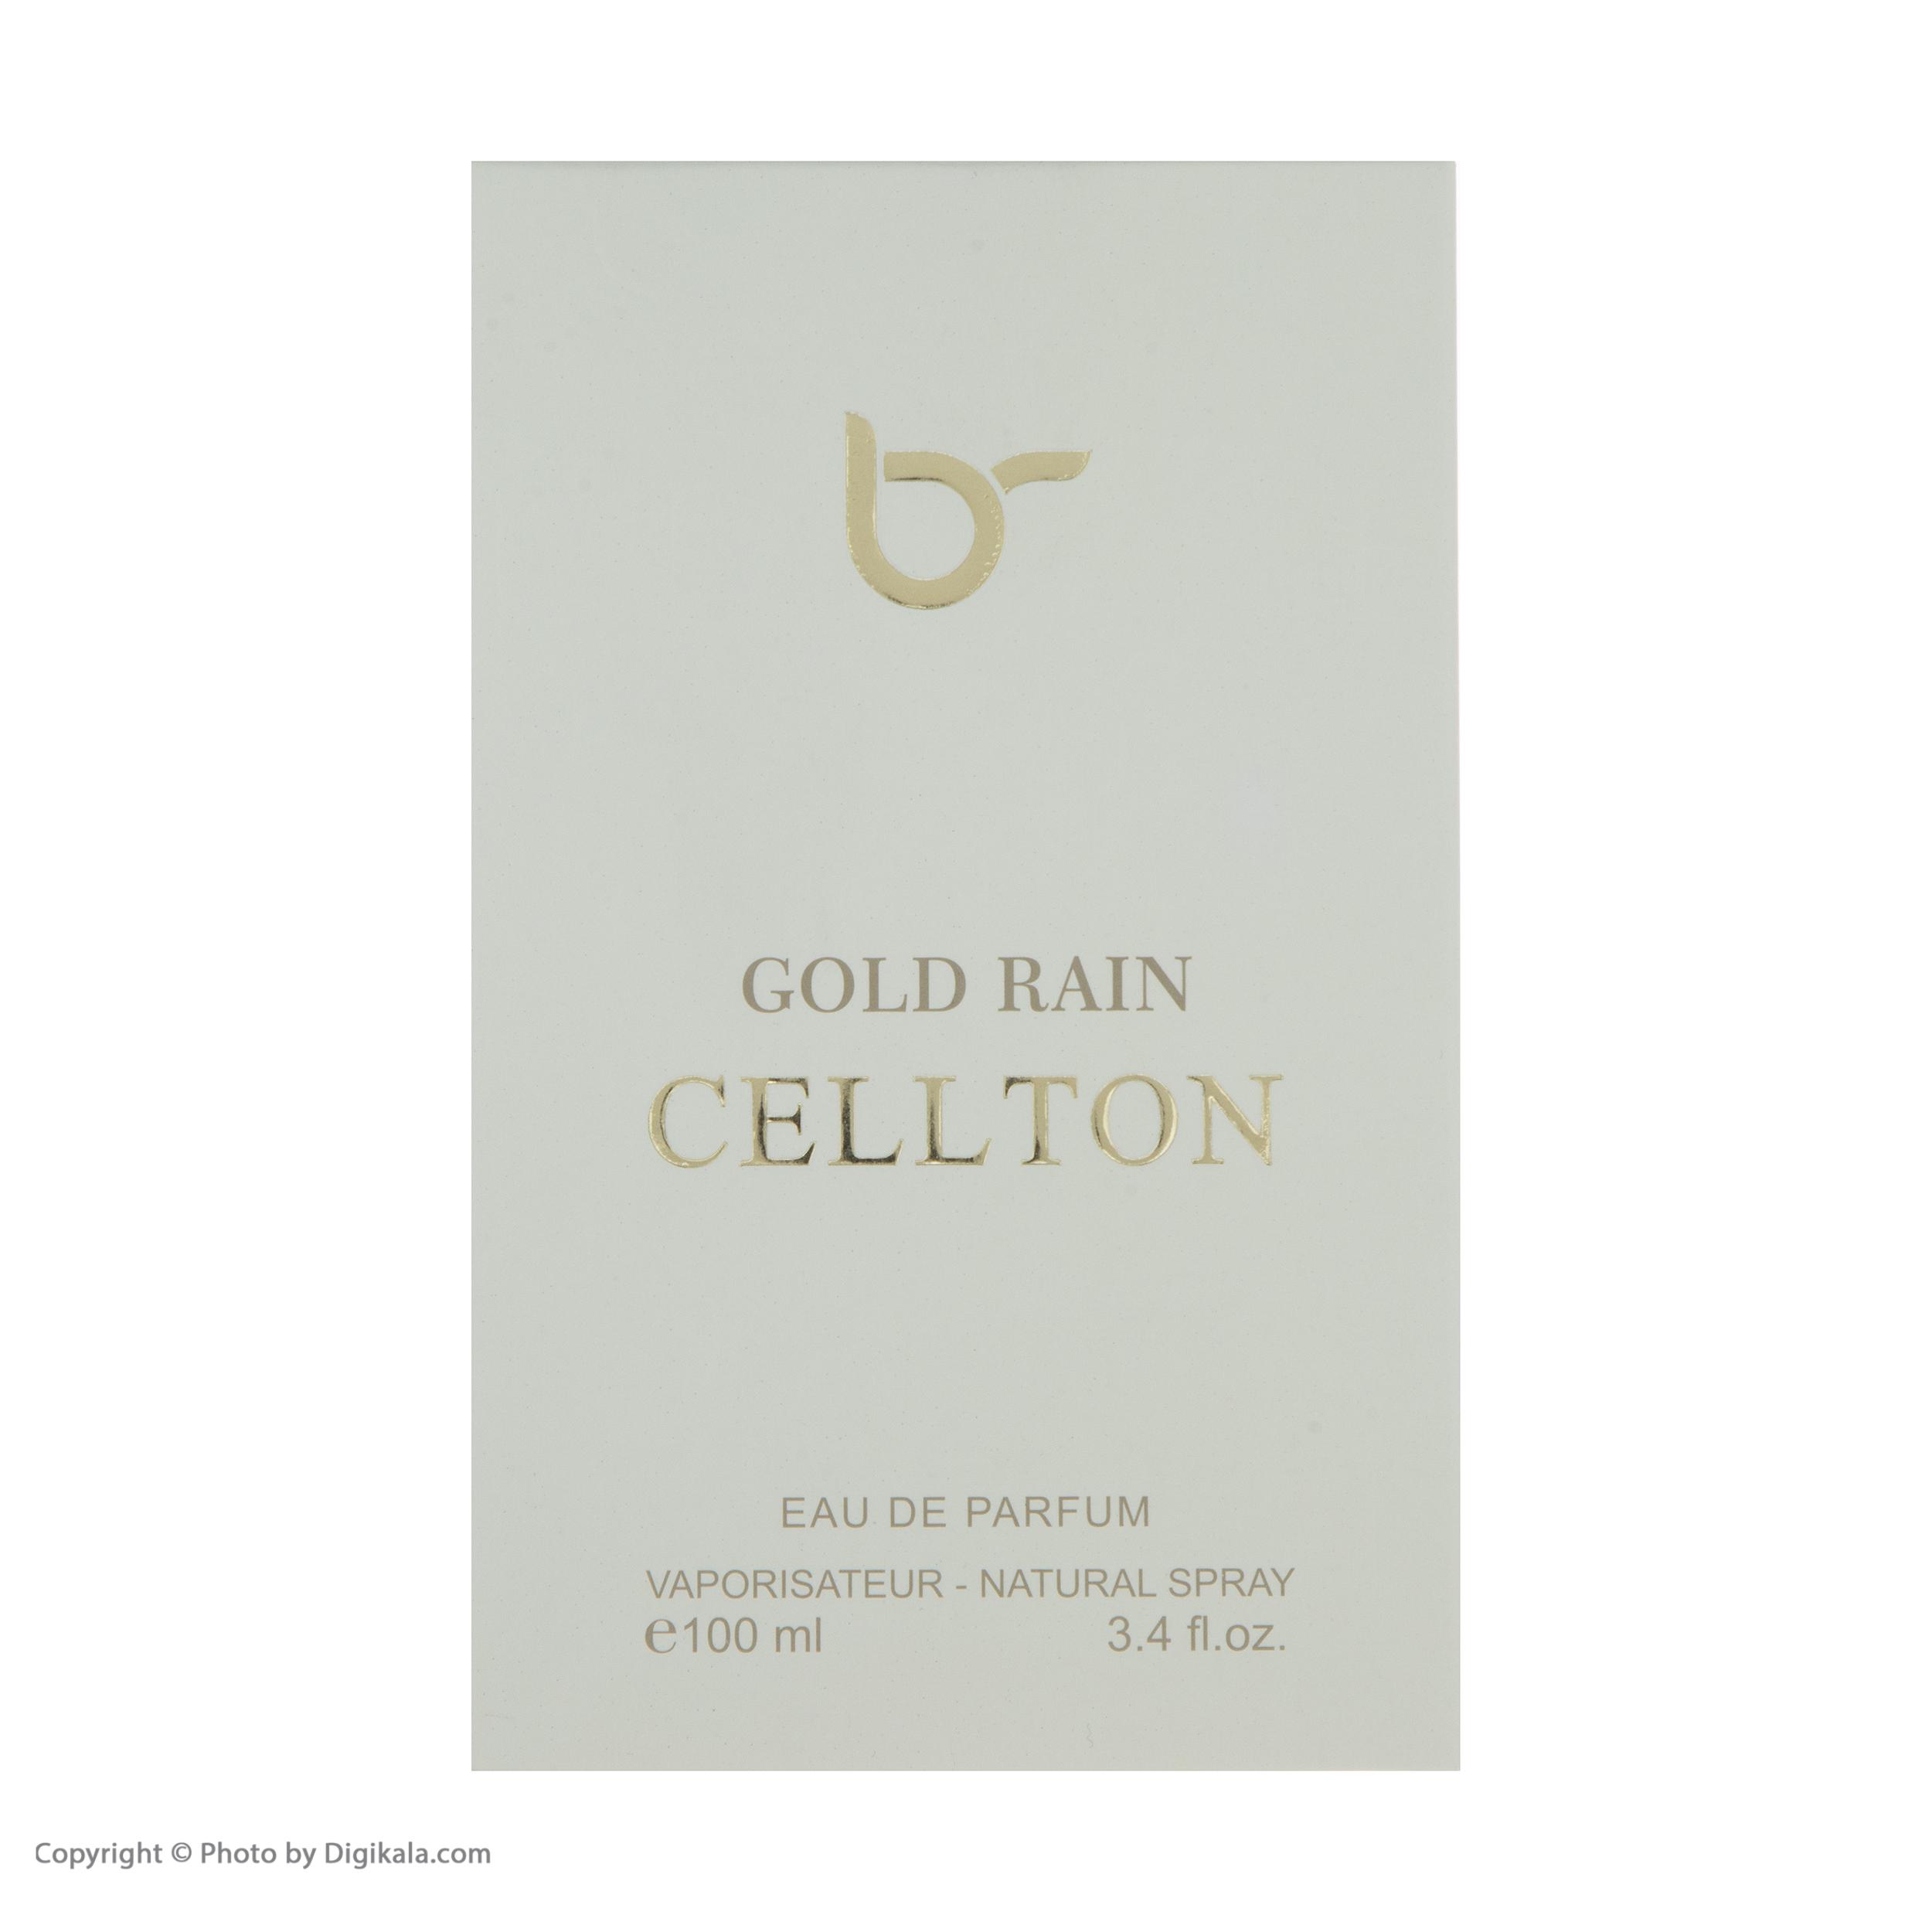 خرید اینترنتی ادو پرفیوم زنانه سلتون مدل Gold Rain حجم 100 میلی لیتر اورجینال